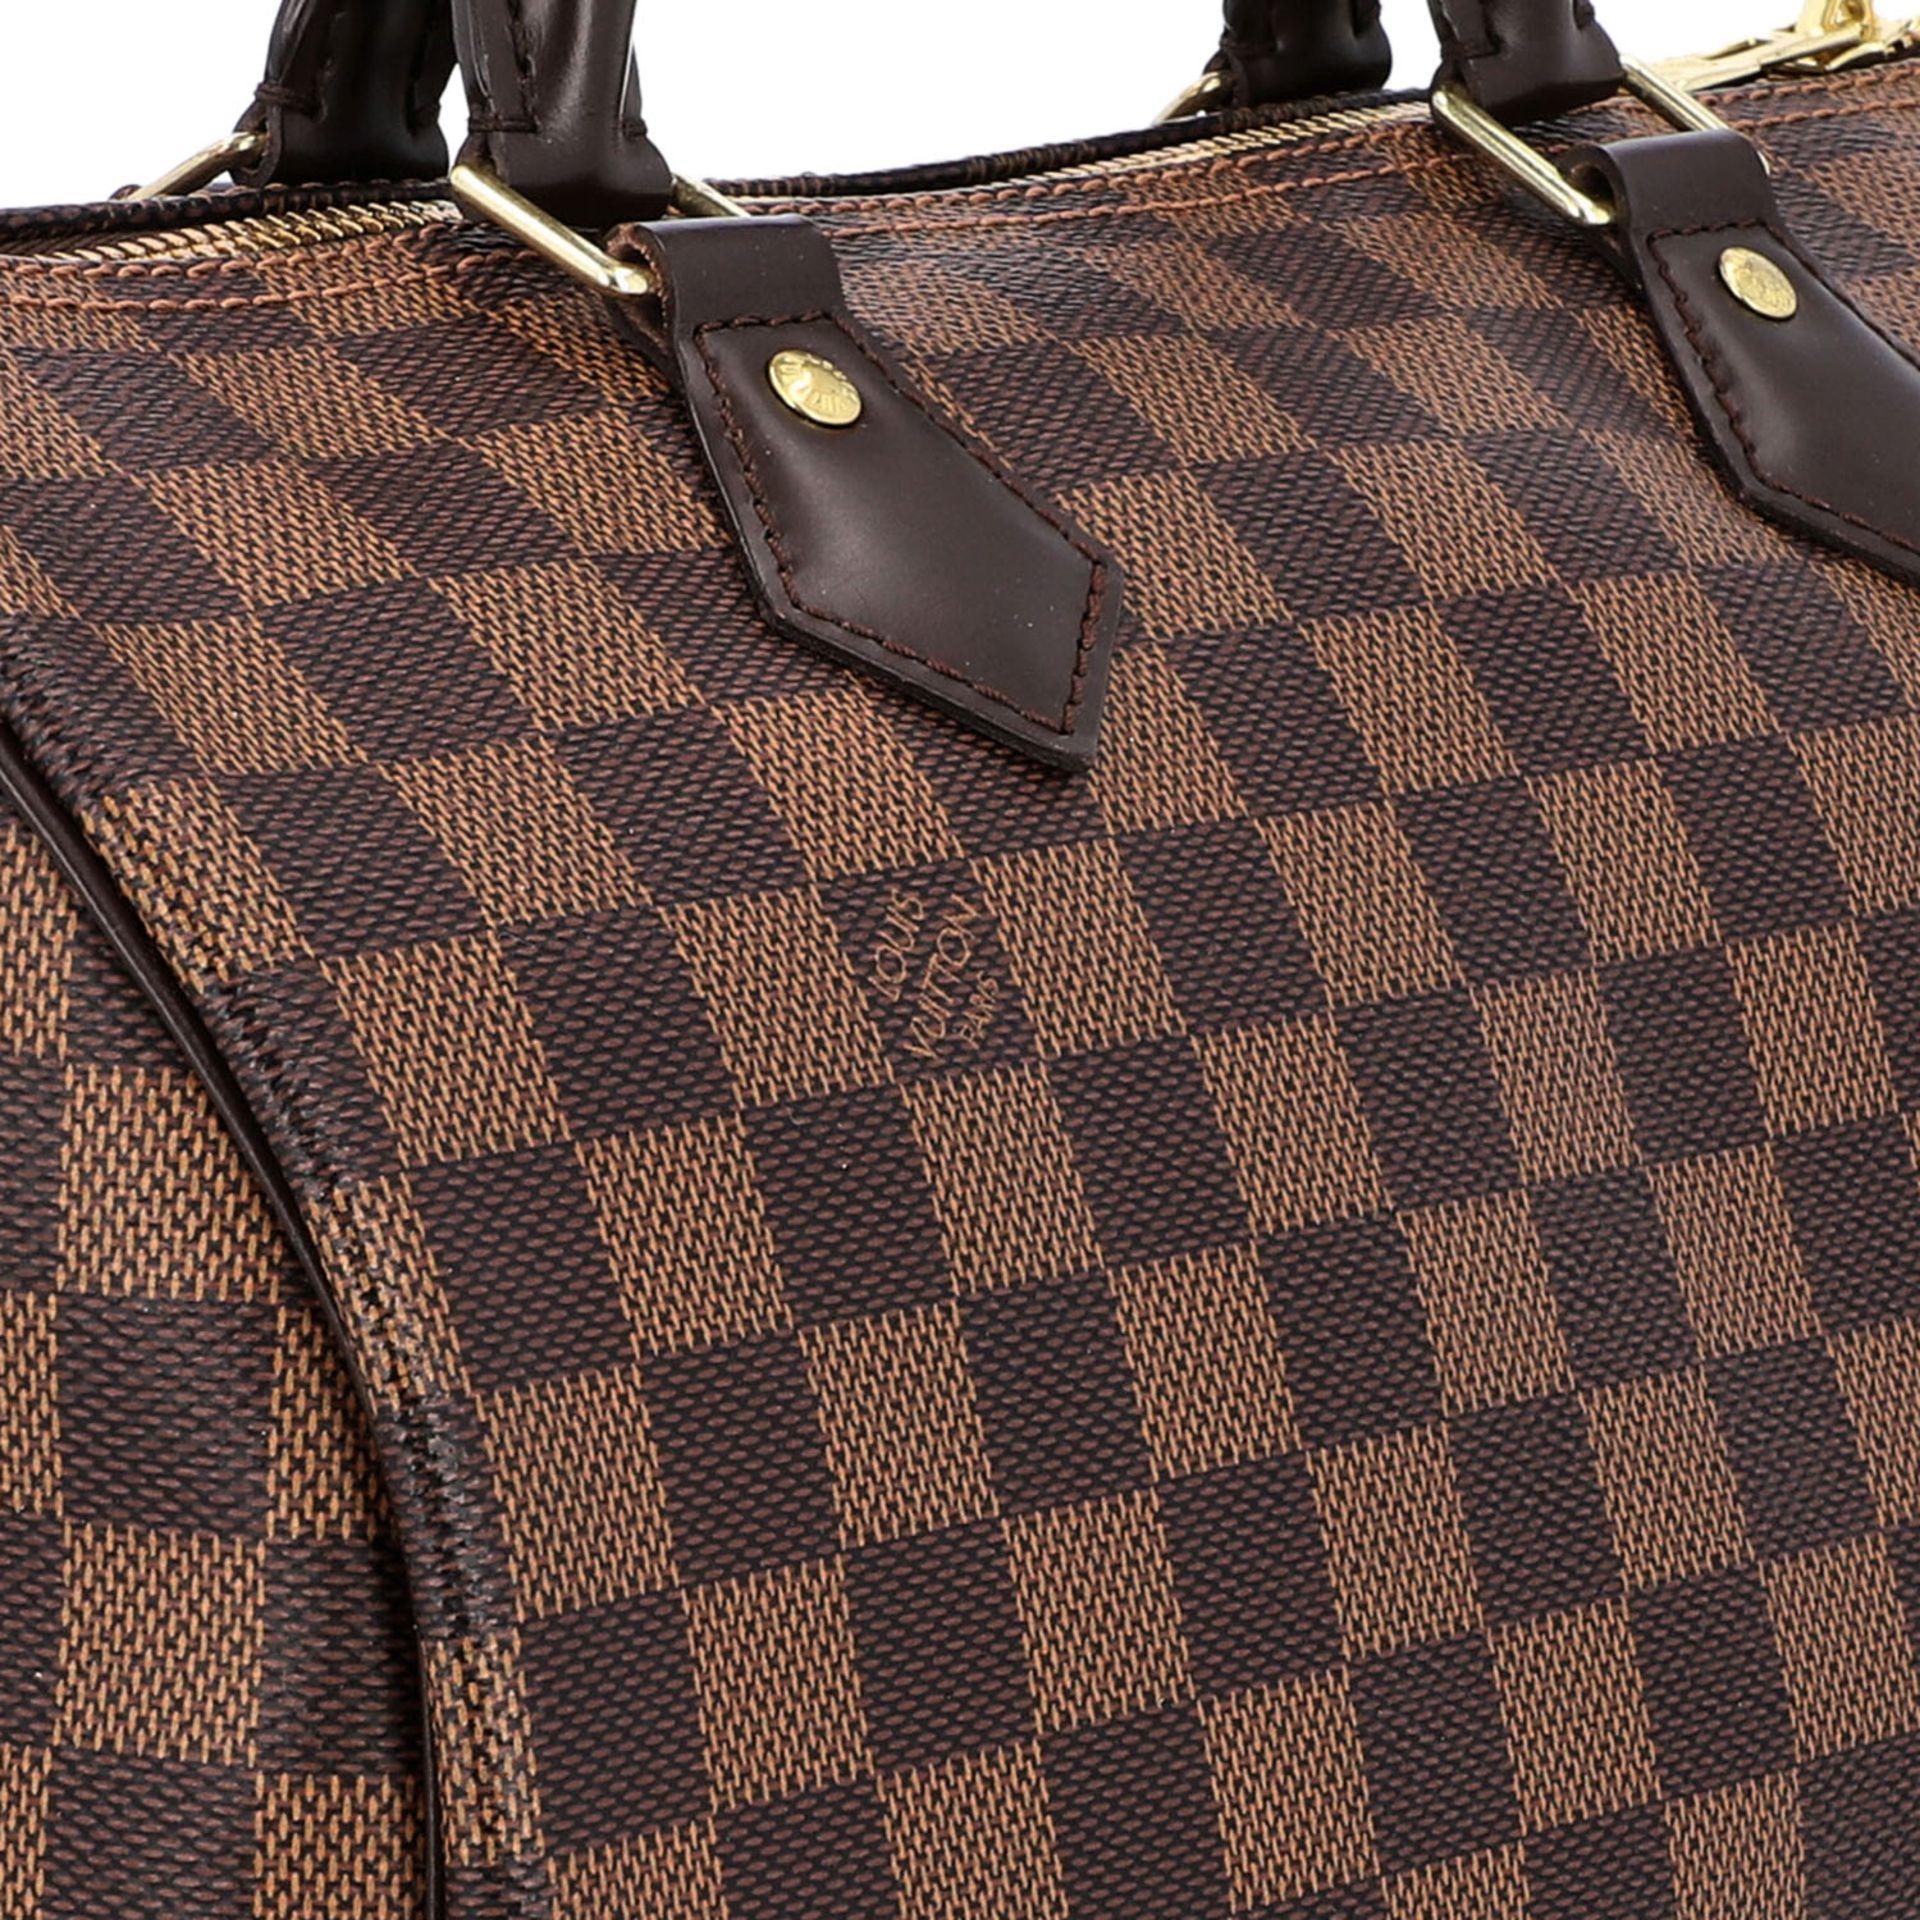 """LOUIS VUITTON Handtasche """"SPEEDY 30 BAND."""", Koll. 2017.Akt. NP.: 1.170,-€. Damier Ebene Serie mit - Bild 8 aus 8"""